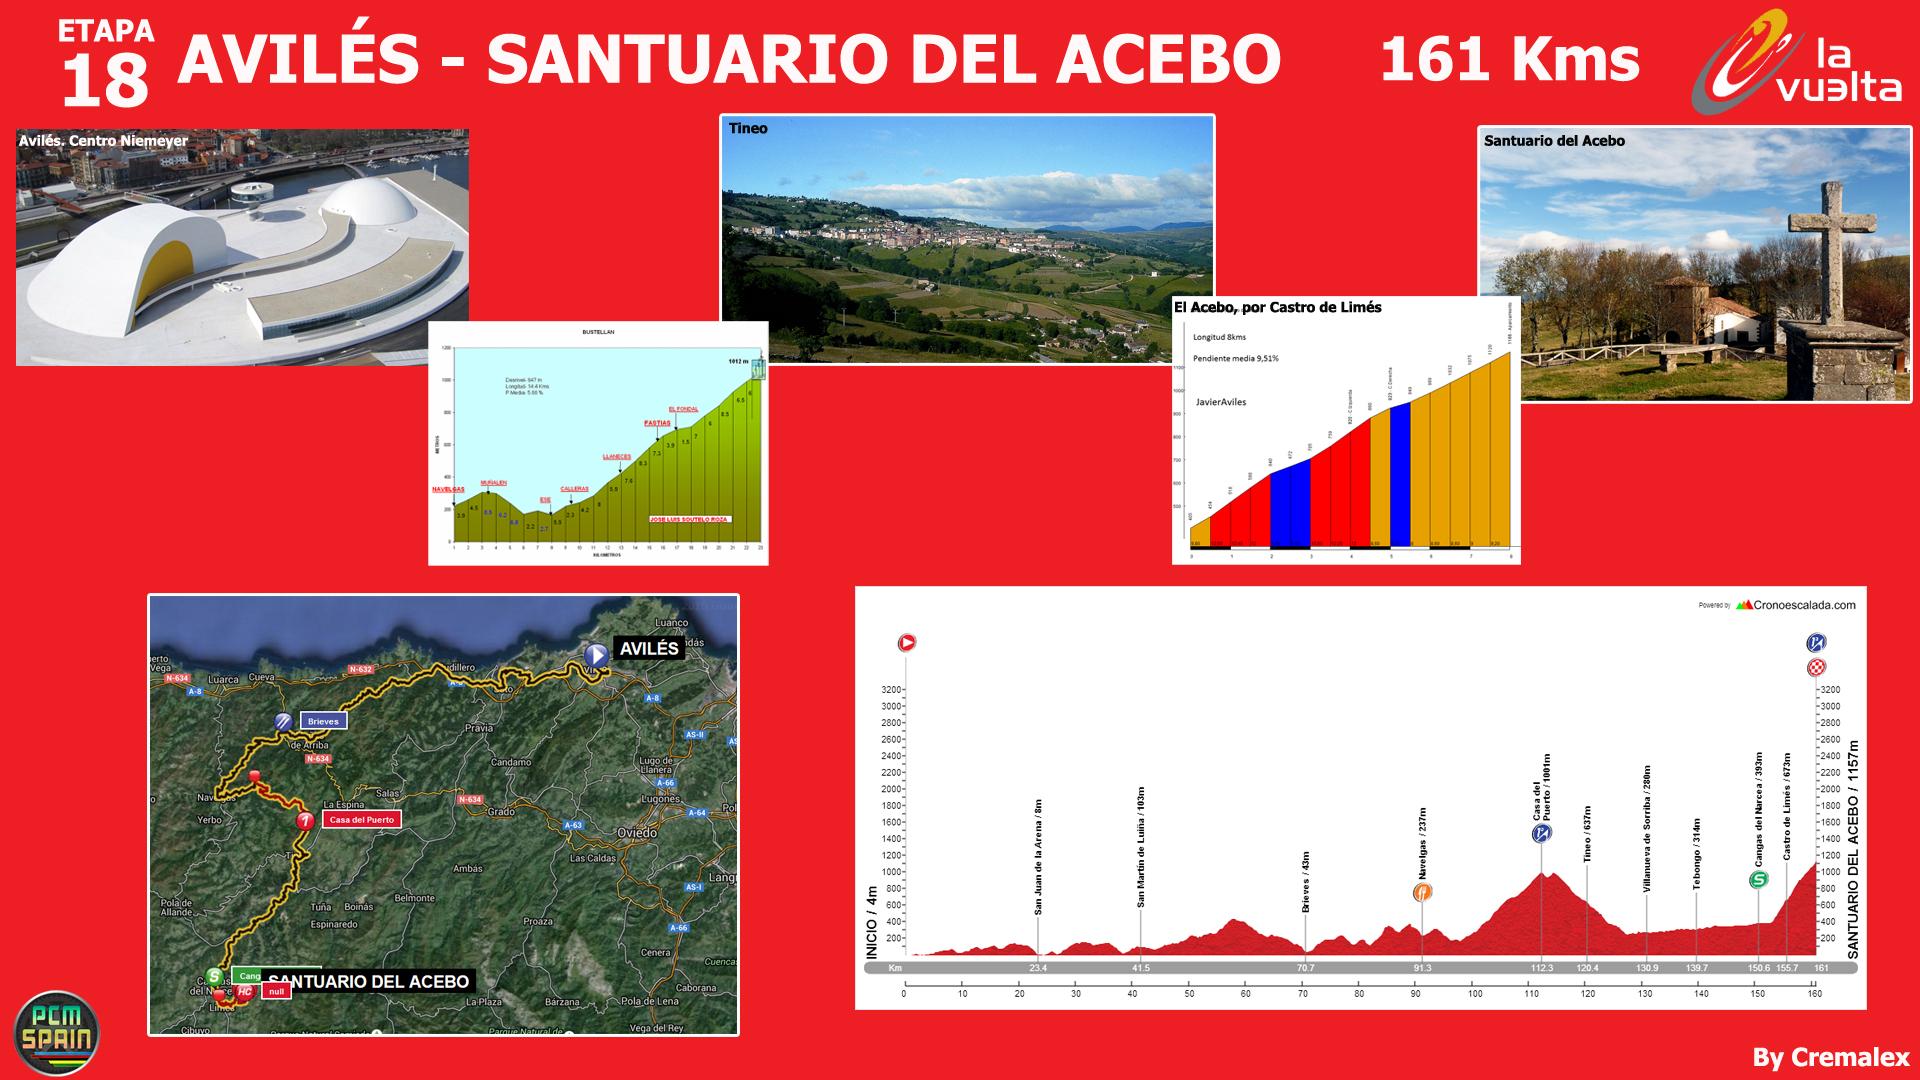 Concurso Vuelta a España 2015 - Página 6 441079Etapas18